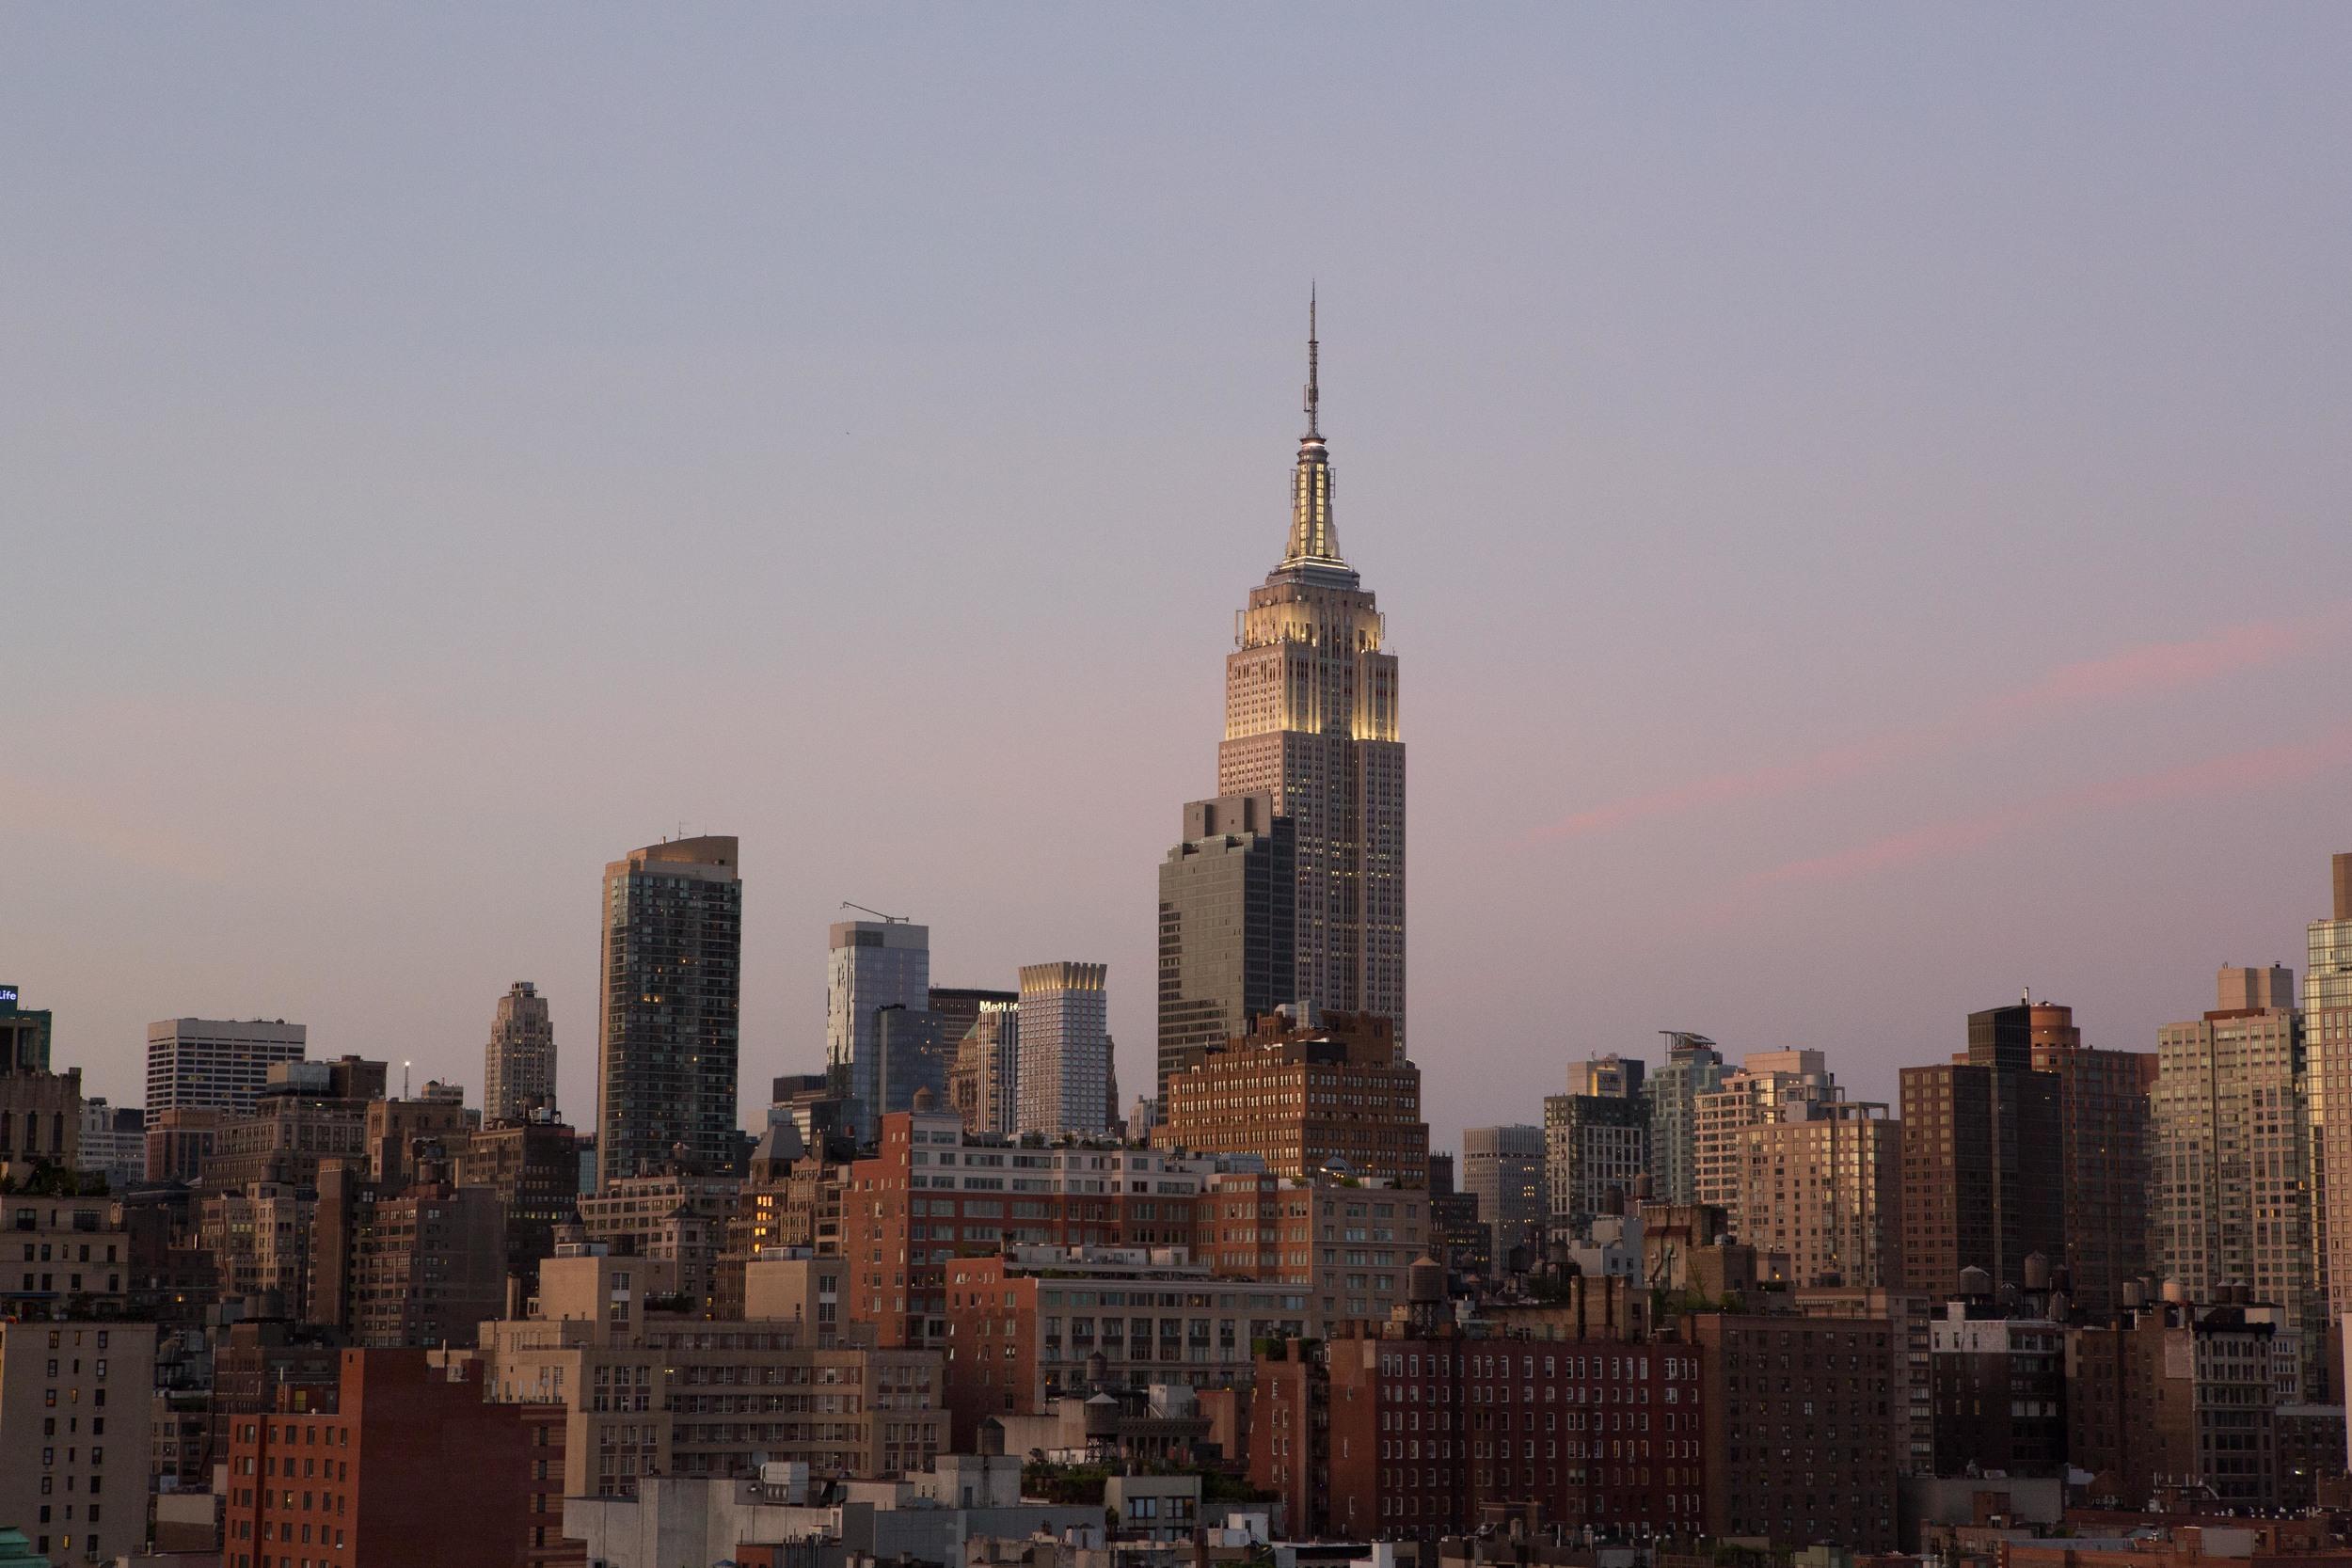 cityscape-new-york-city-sunset_23184021640_o.jpg